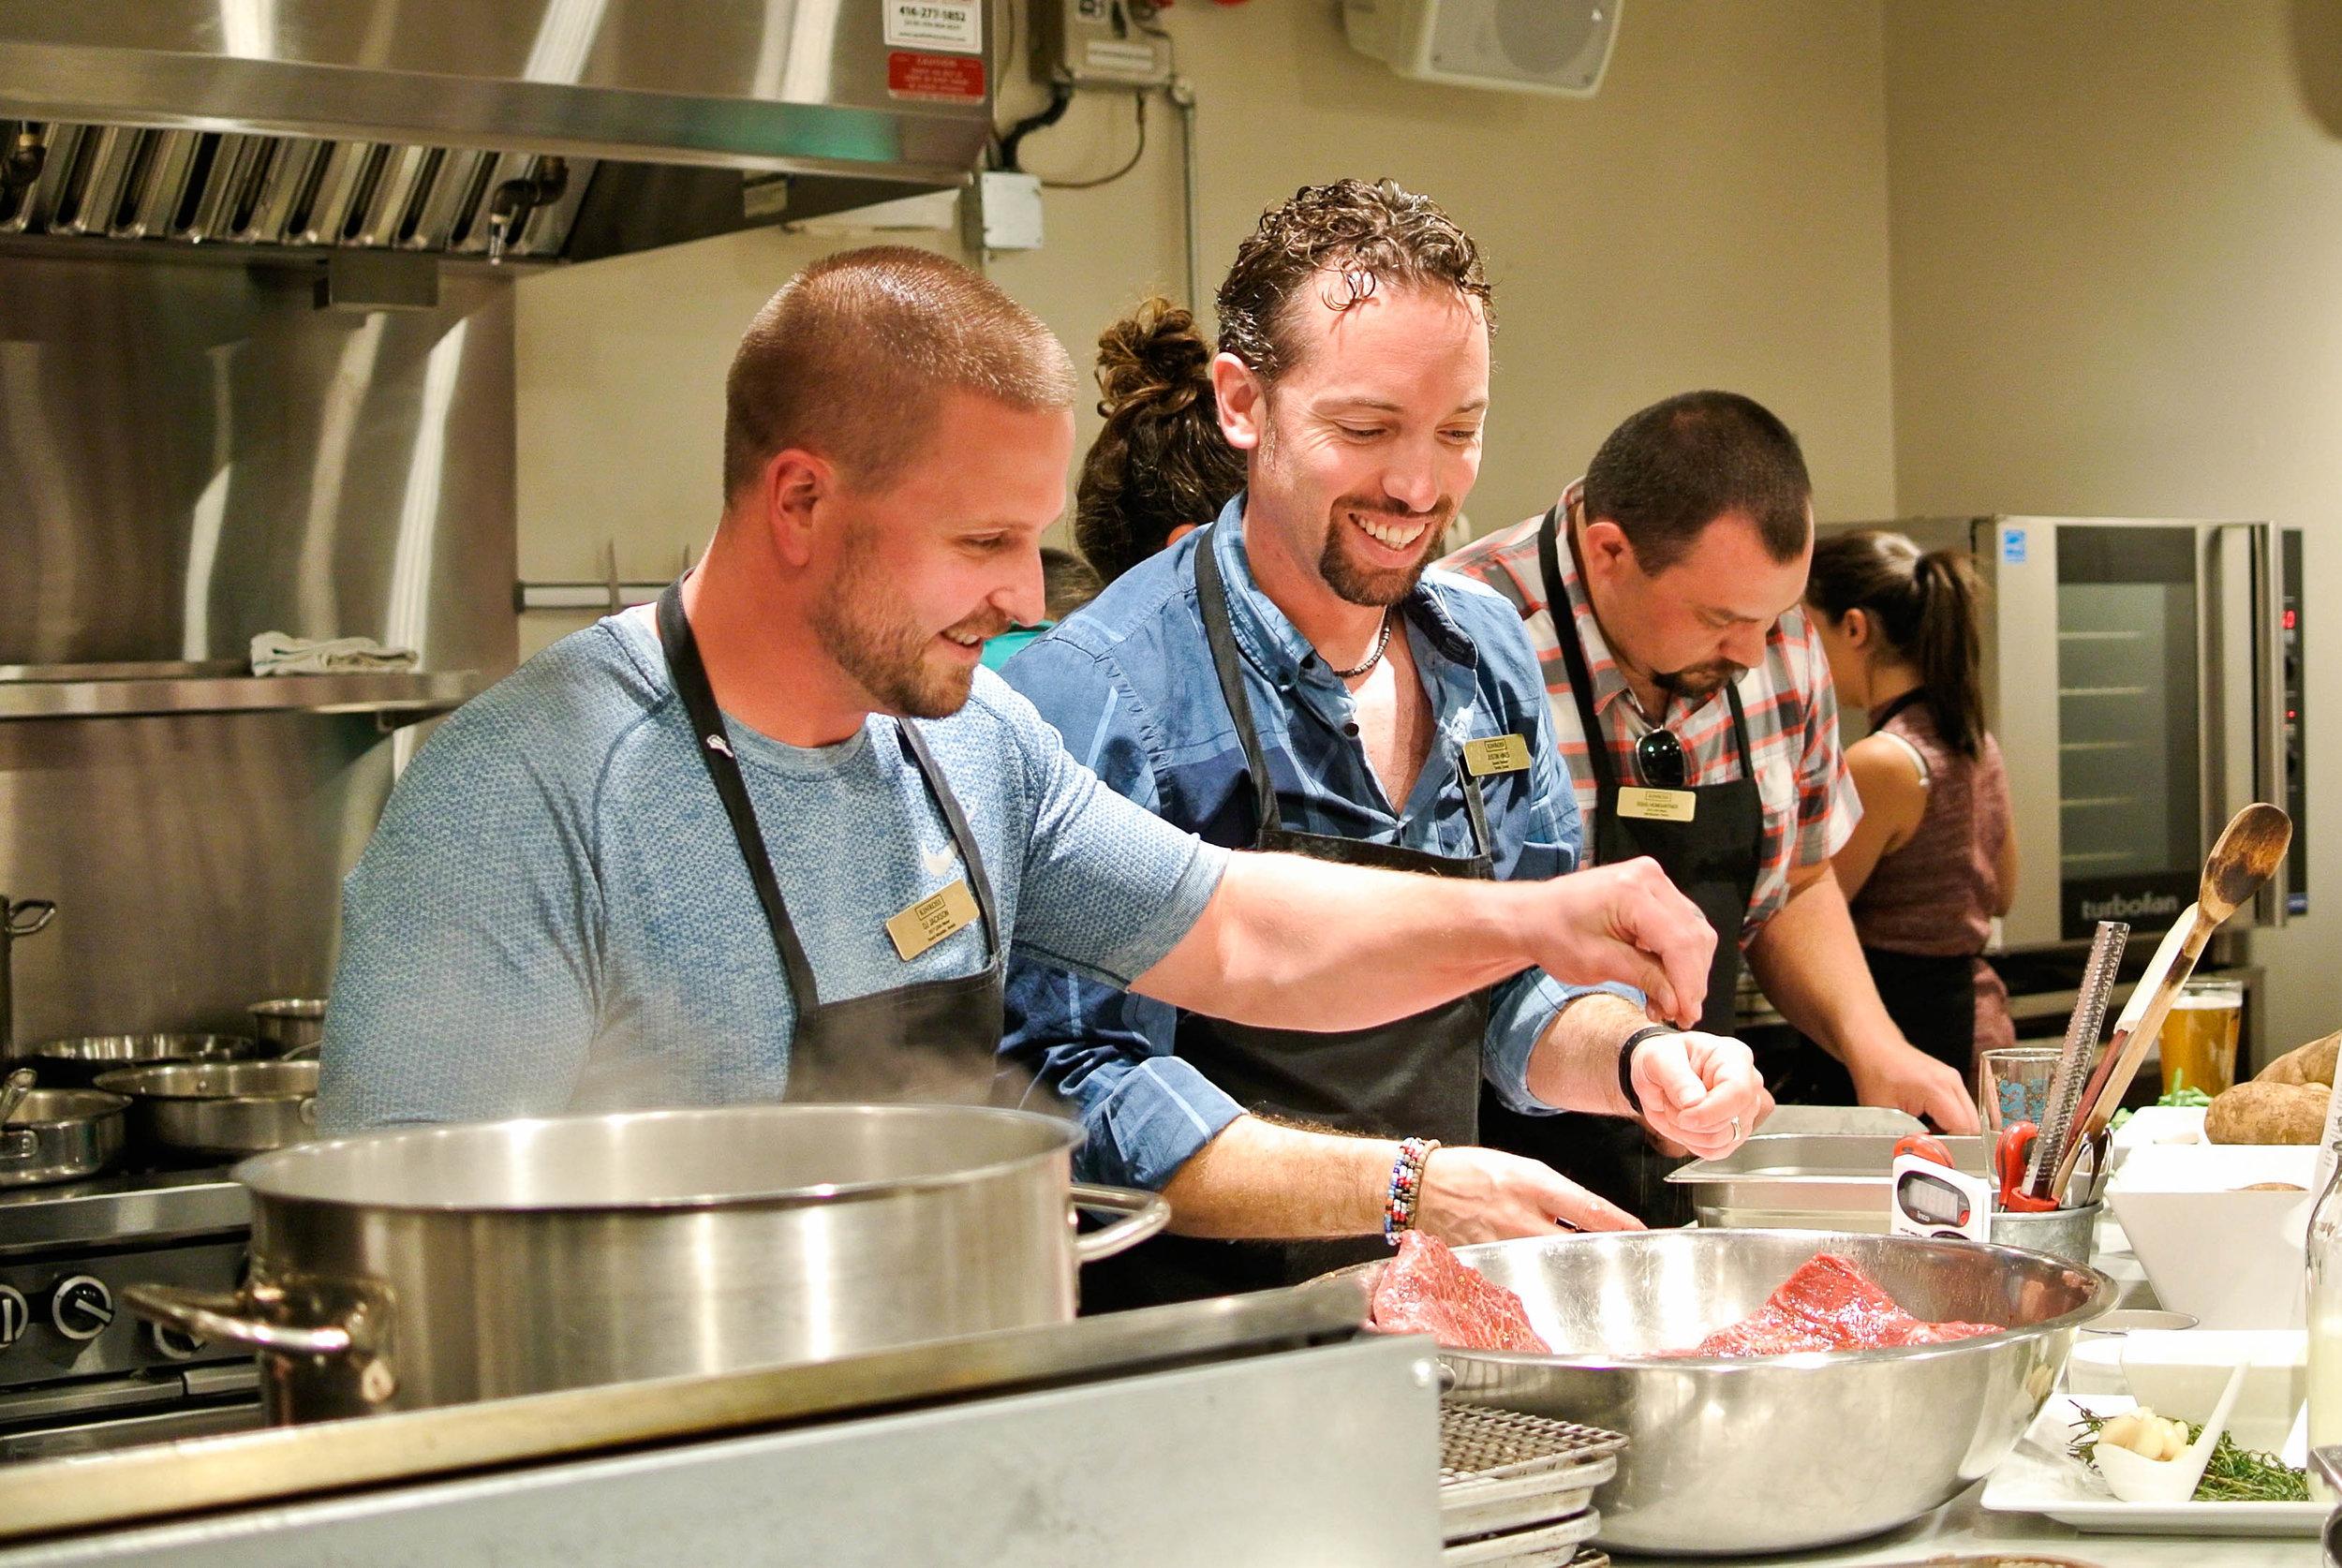 corporate_cooking_01 10.10.17.jpg